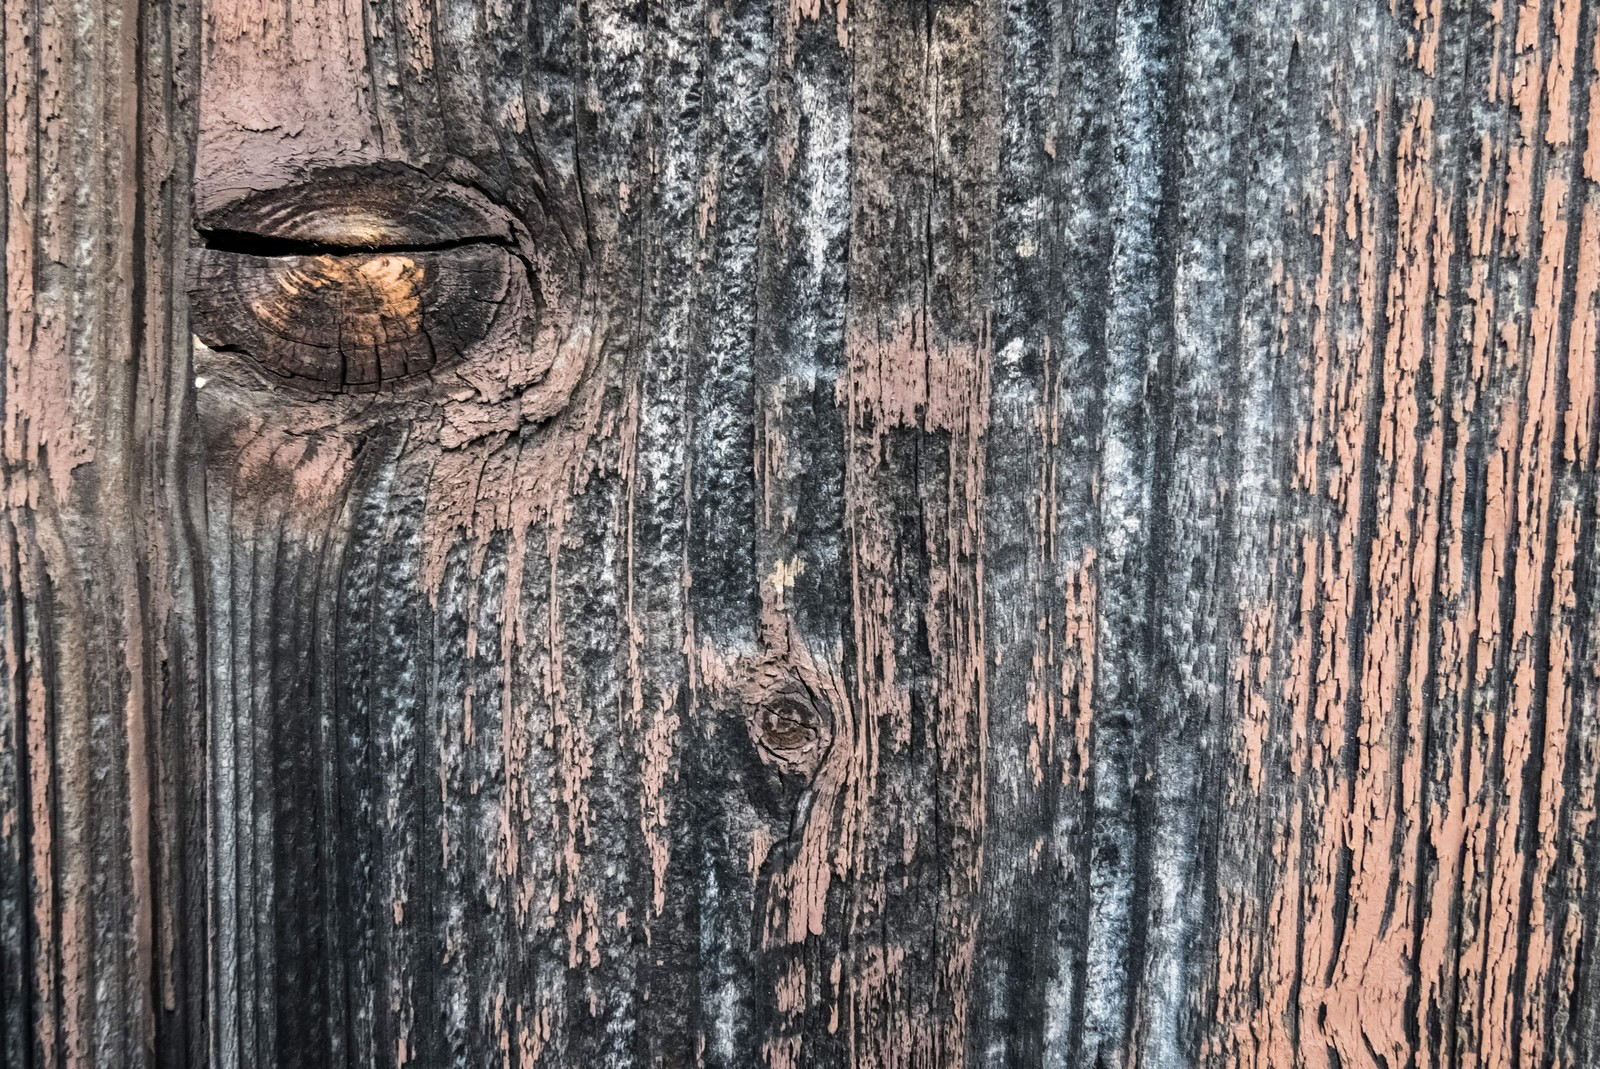 「汚れが付着した木目の壁汚れが付着した木目の壁」のフリー写真素材を拡大